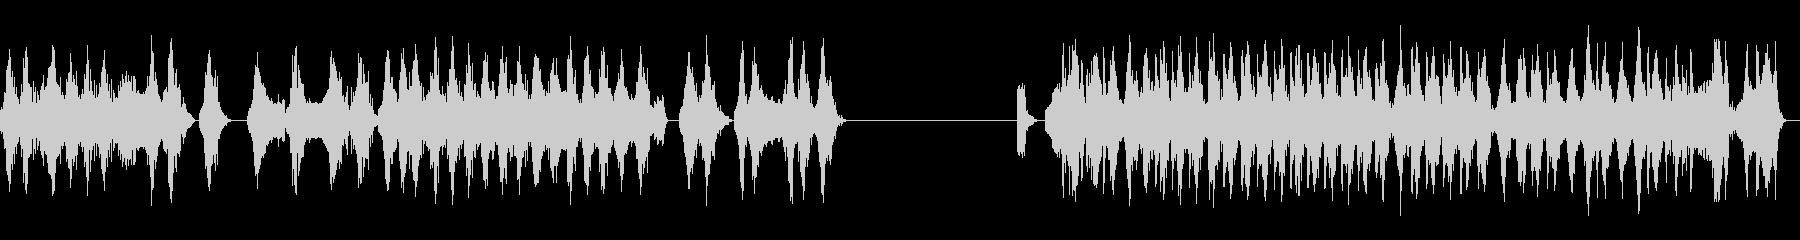 VOLTRAX SPACE VOI...の未再生の波形